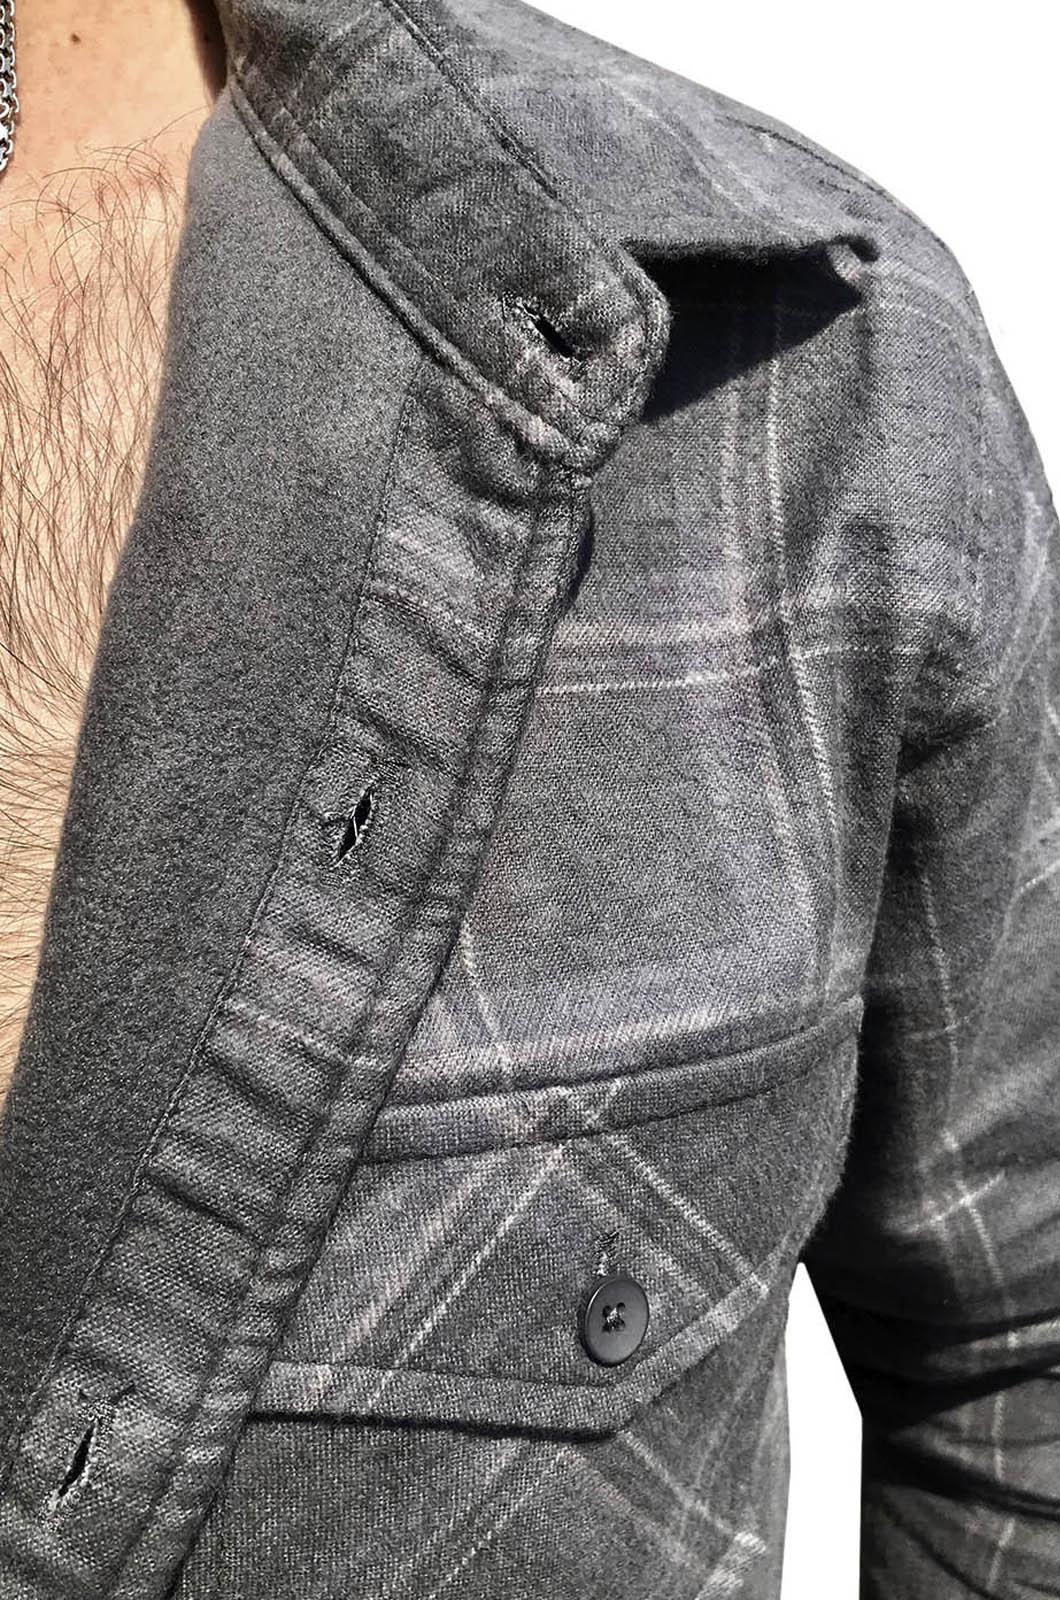 Строгая мужская рубашка с вышитым шевроном Казачий Флаг - купить с доставкой